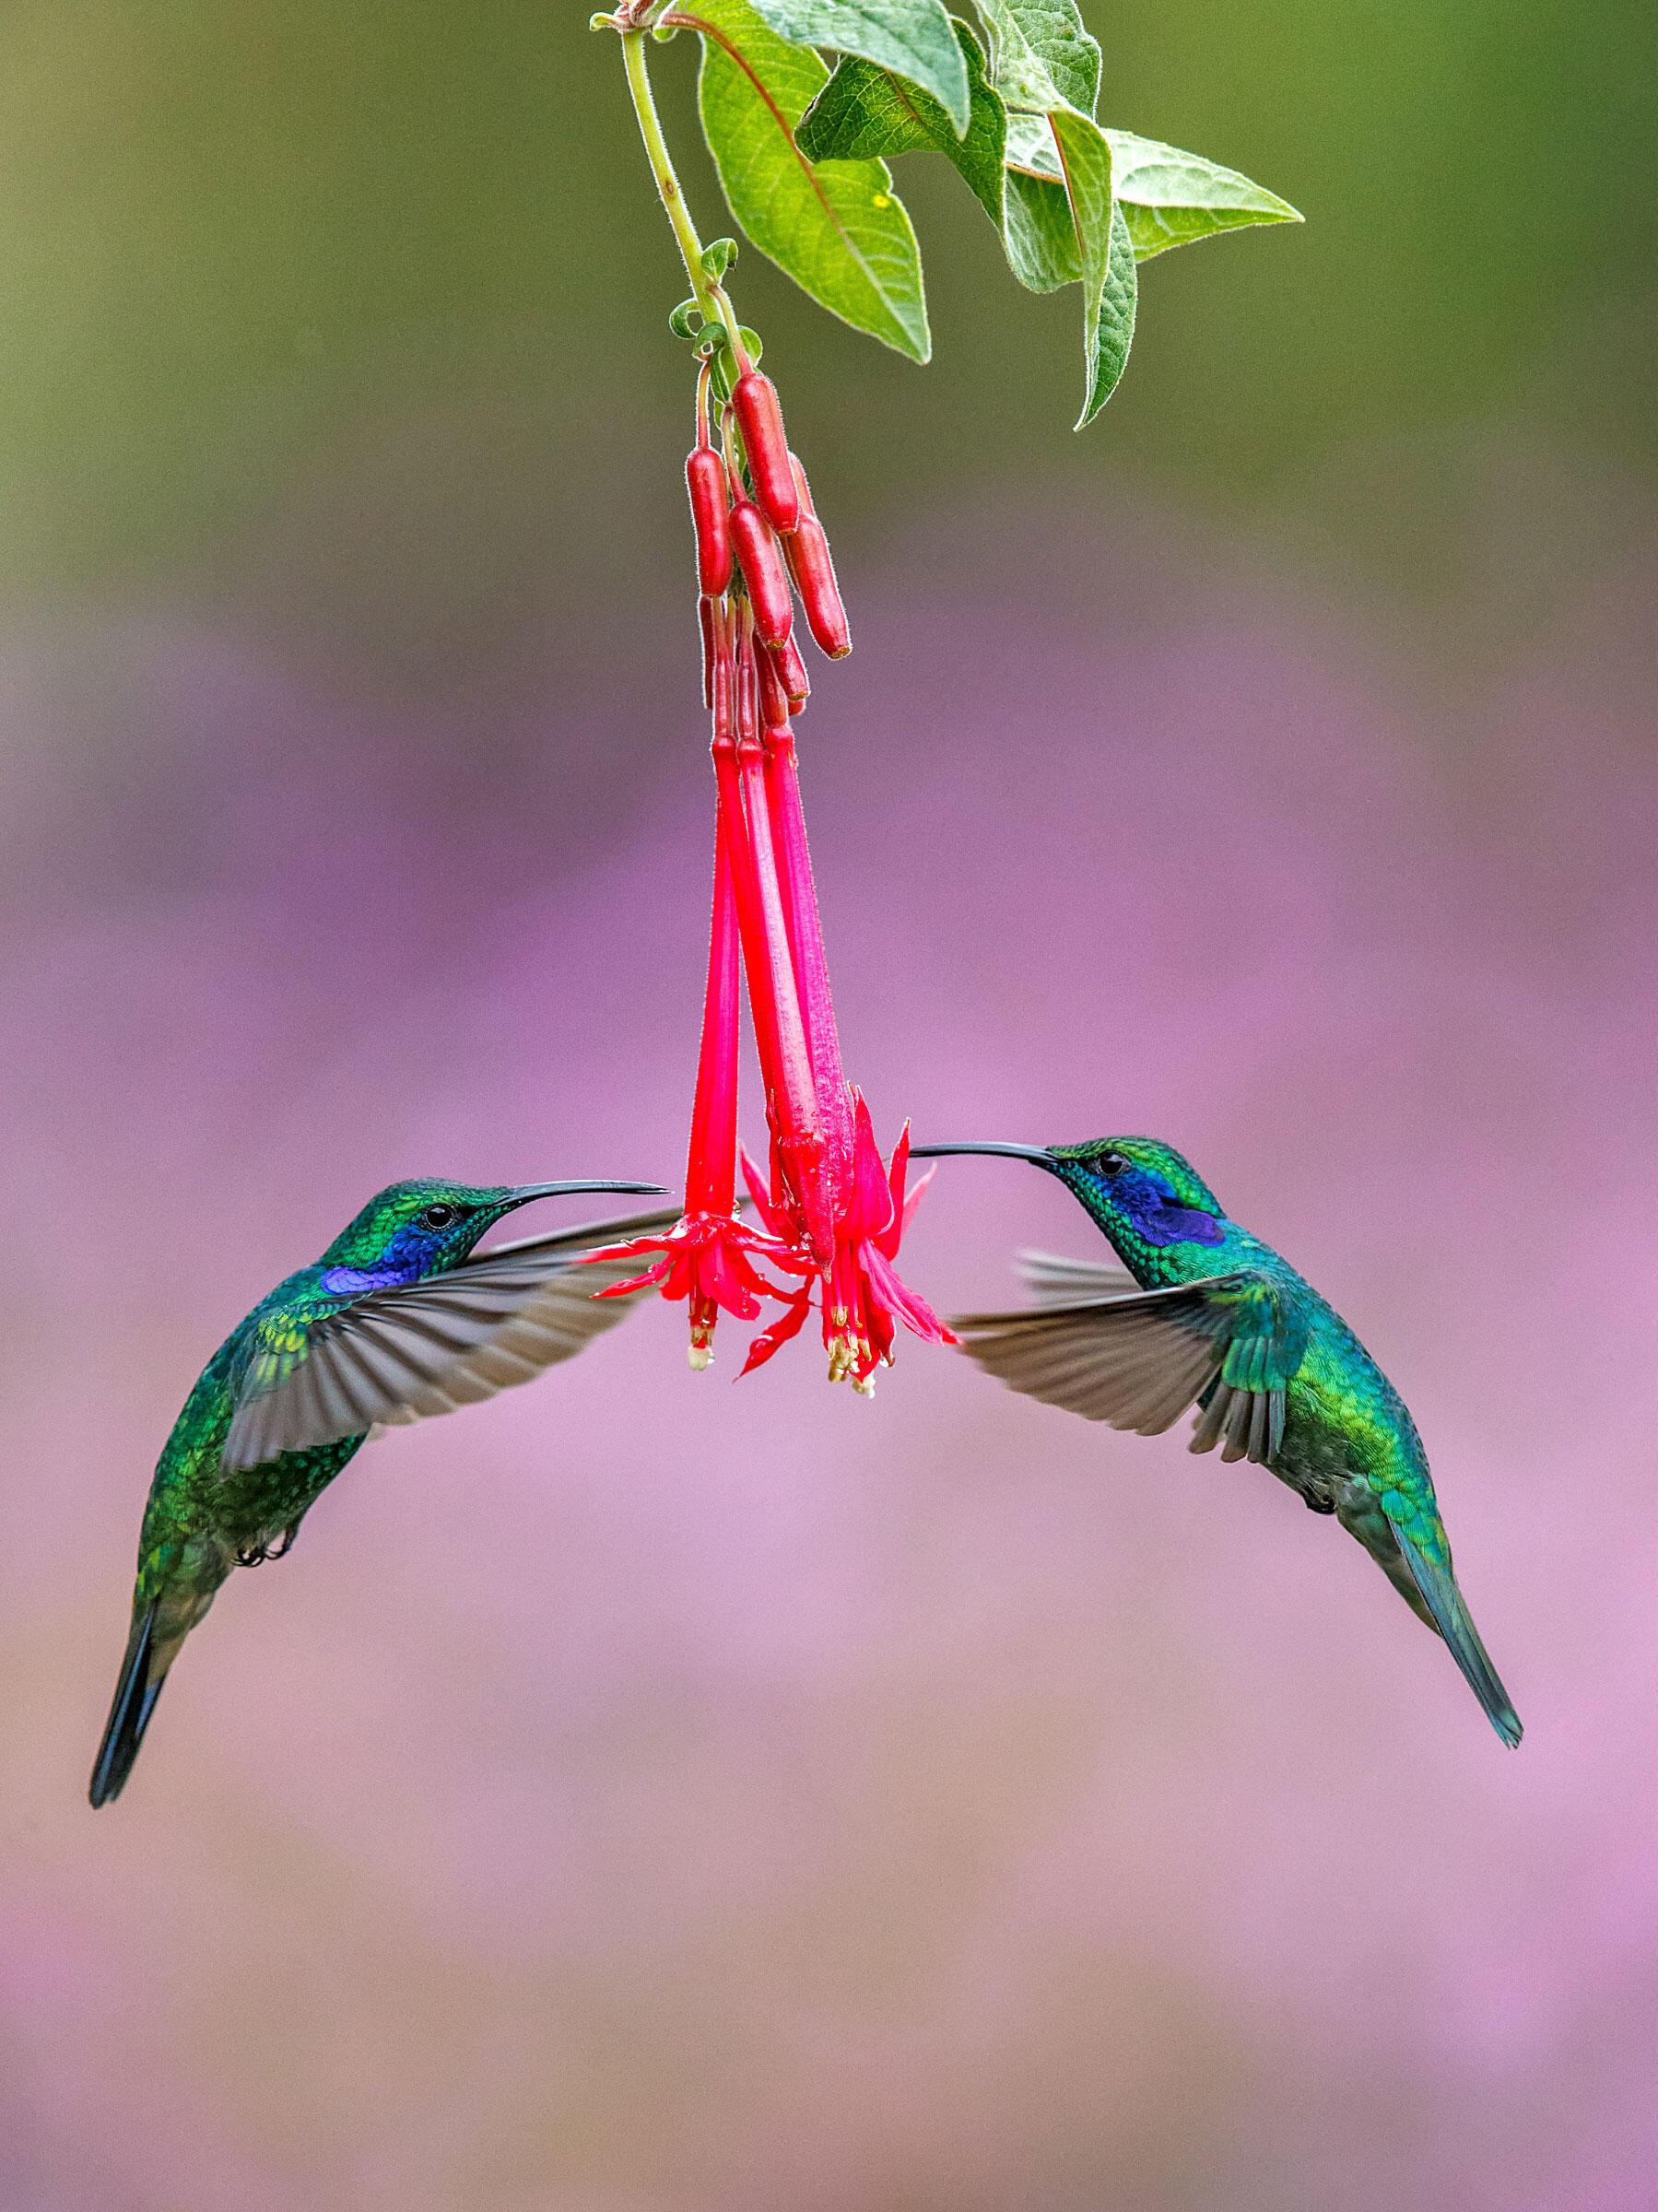 Green Violetears/Amateur Category. Michael Cohen/Audubon Photography Awards